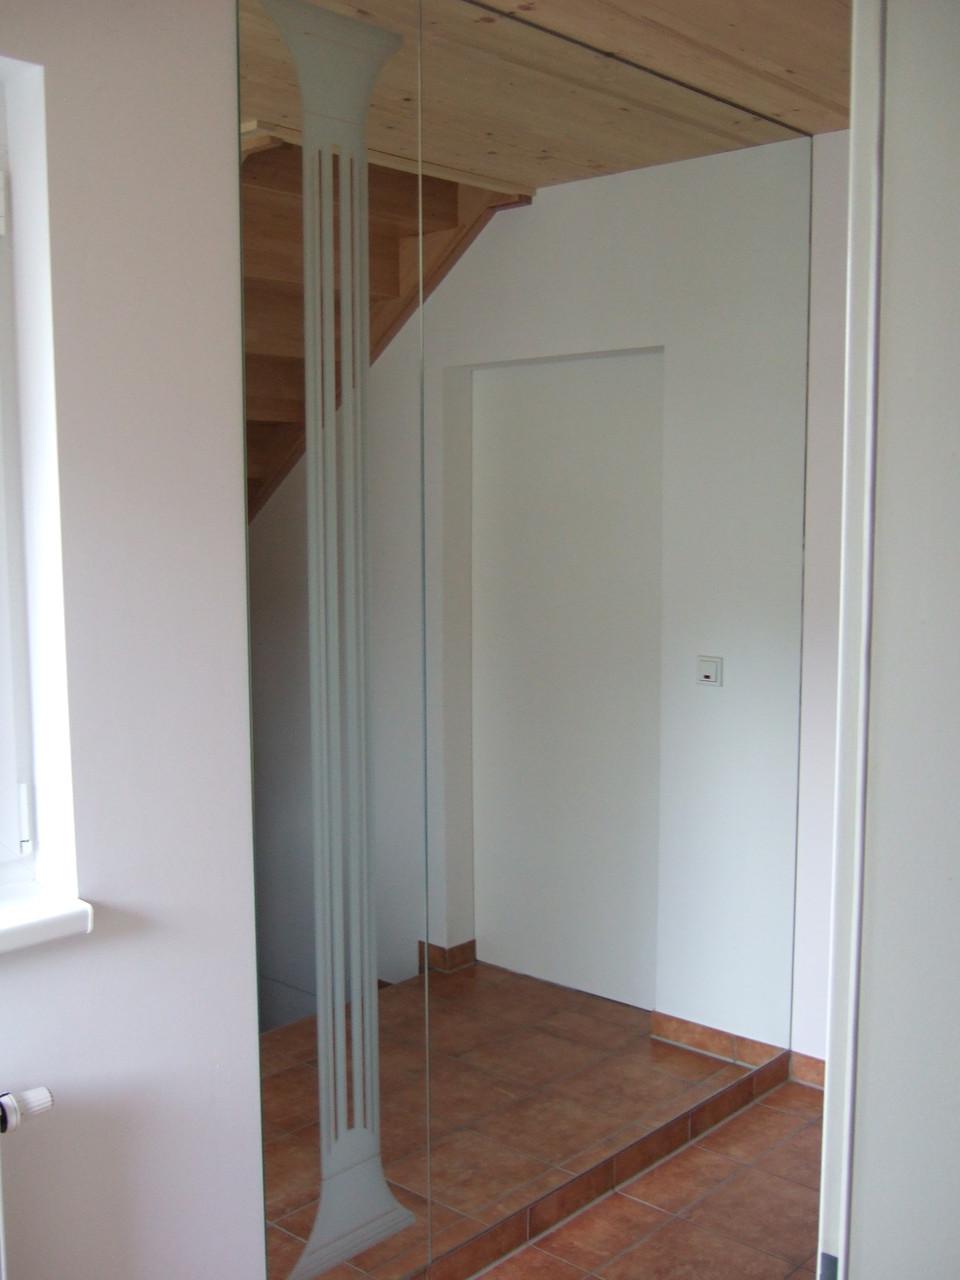 Spiegel wurster glasbau gmbh for Spiegel adresse